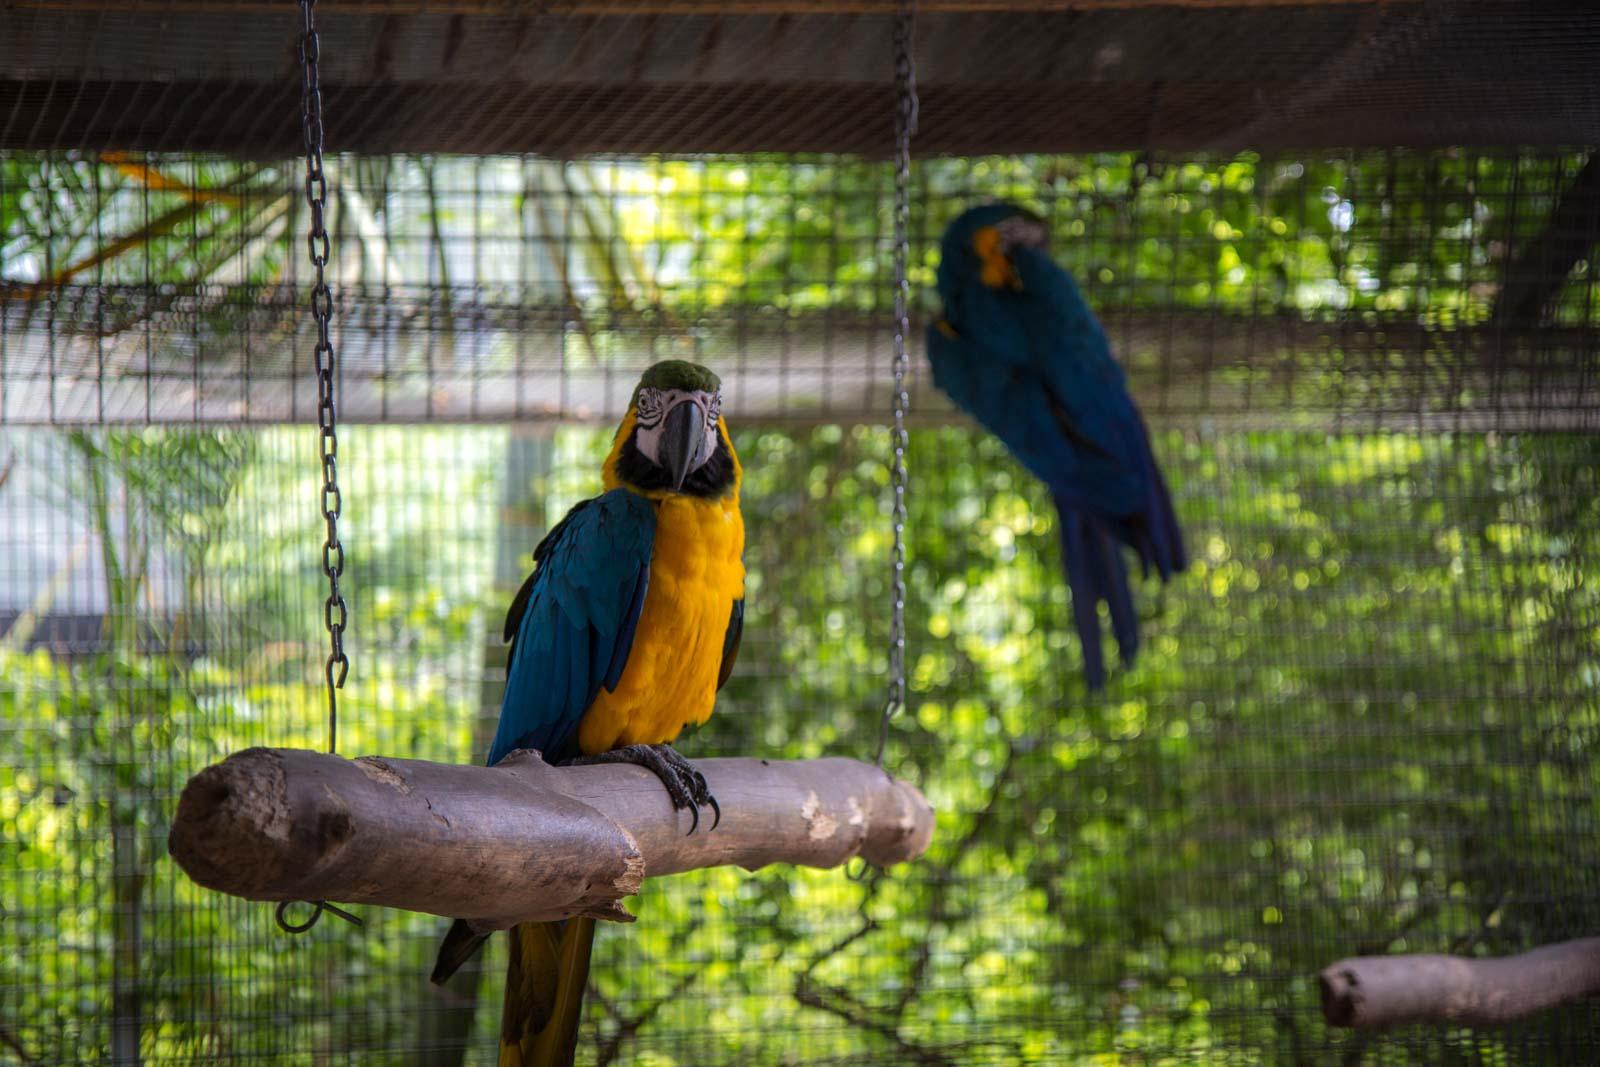 Flying High Bird Sanctuary, Childers, Queensland, Australia